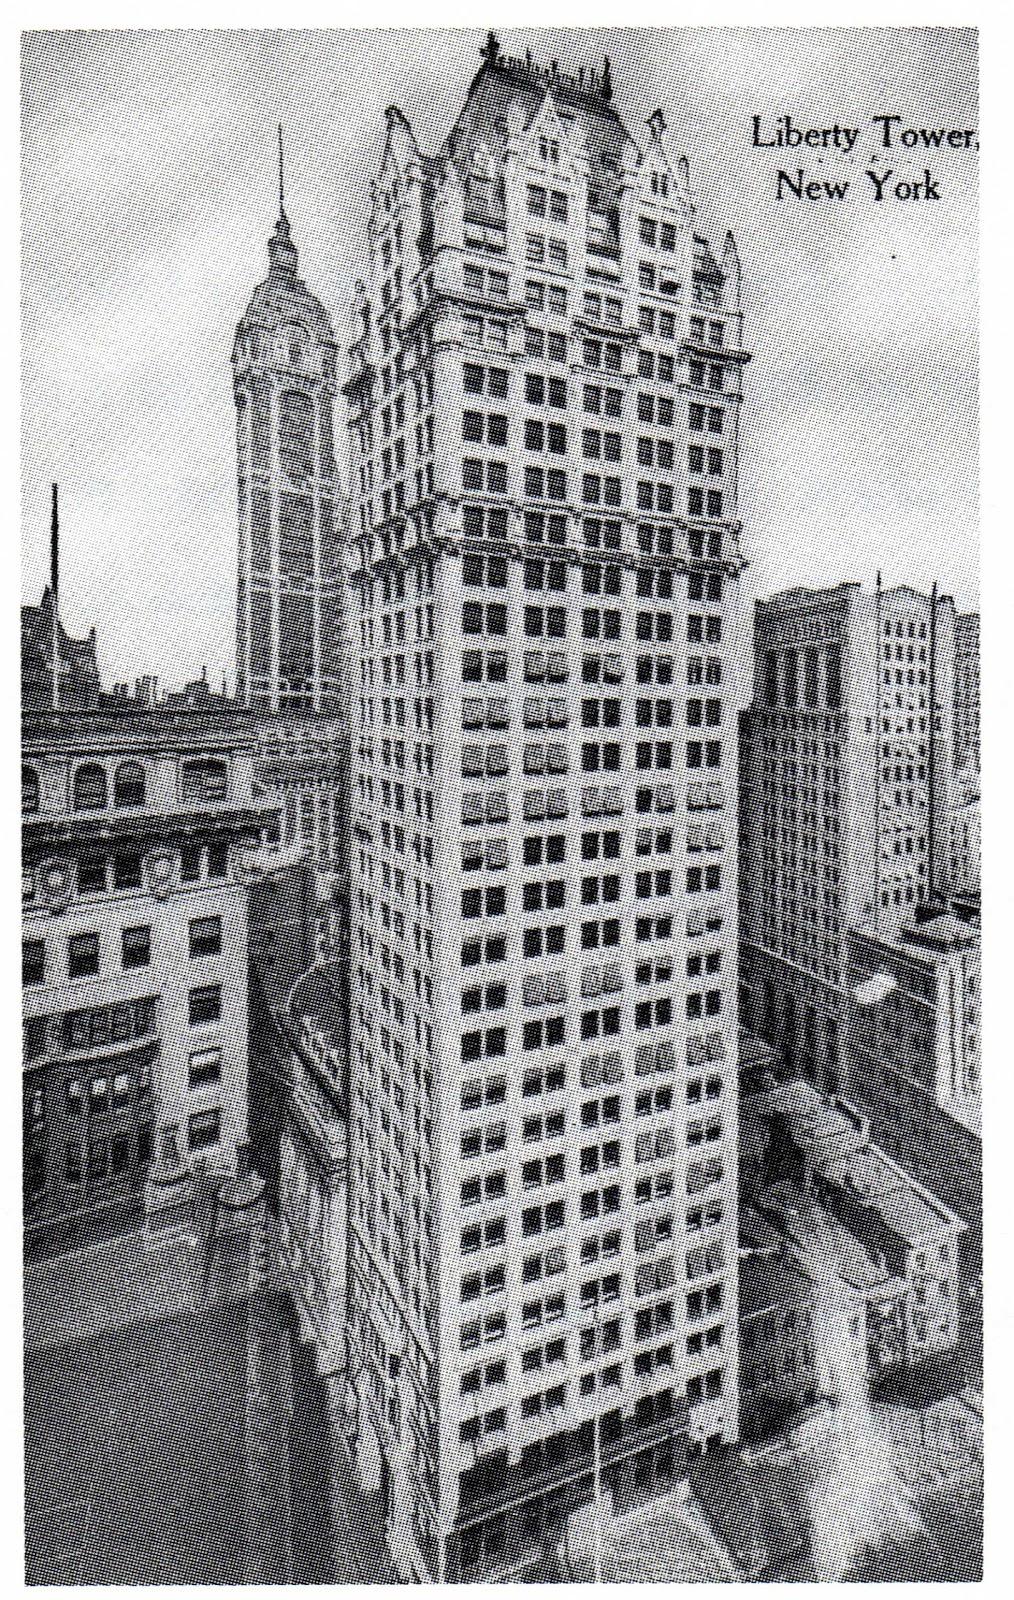 1910, se consolida la Ciudad Vertical